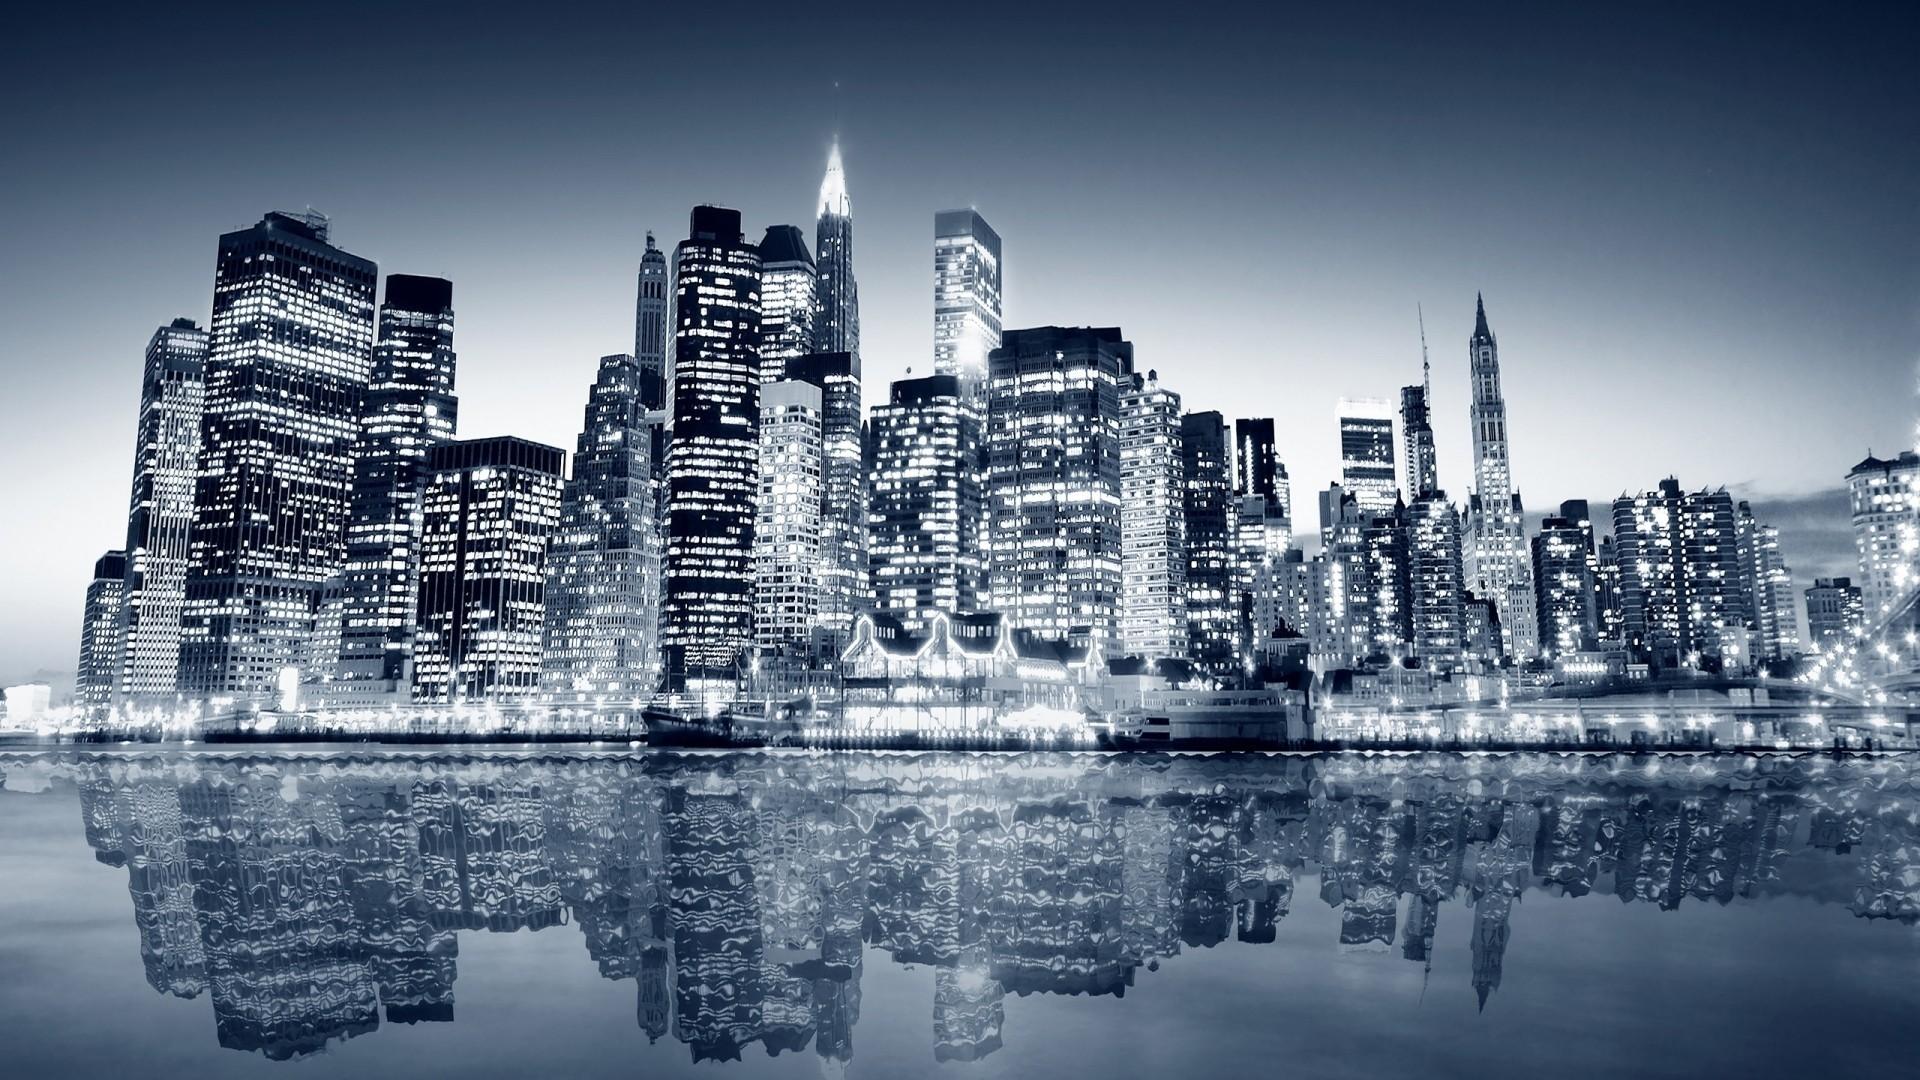 City hd wallpaper download